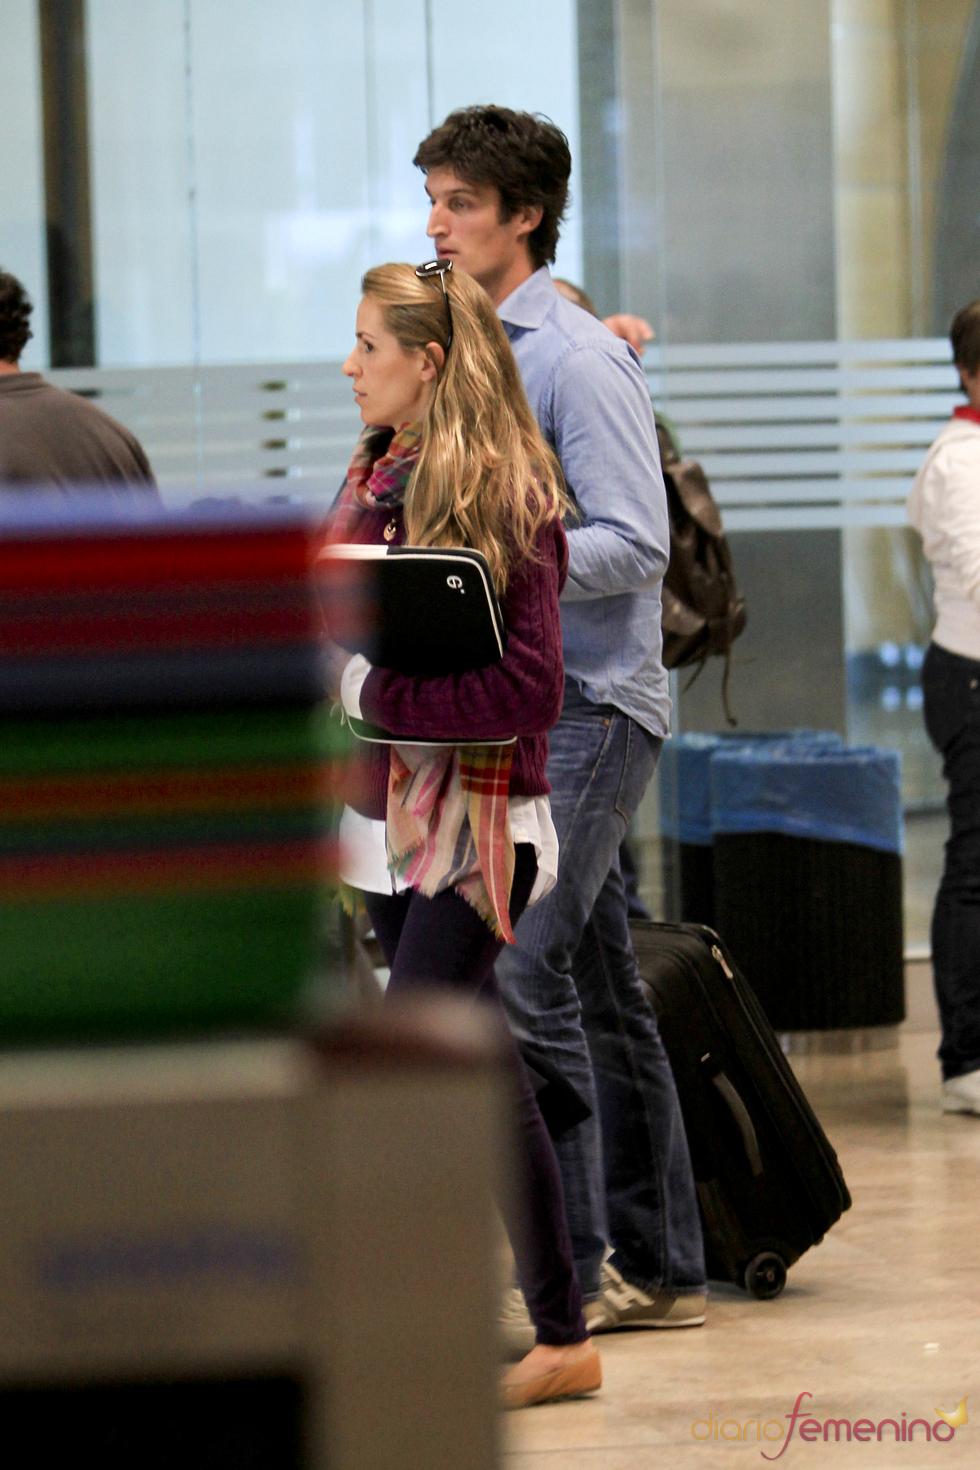 Rafael Medina y Laura Vecino pasando el control en el aeropuerto de barajas